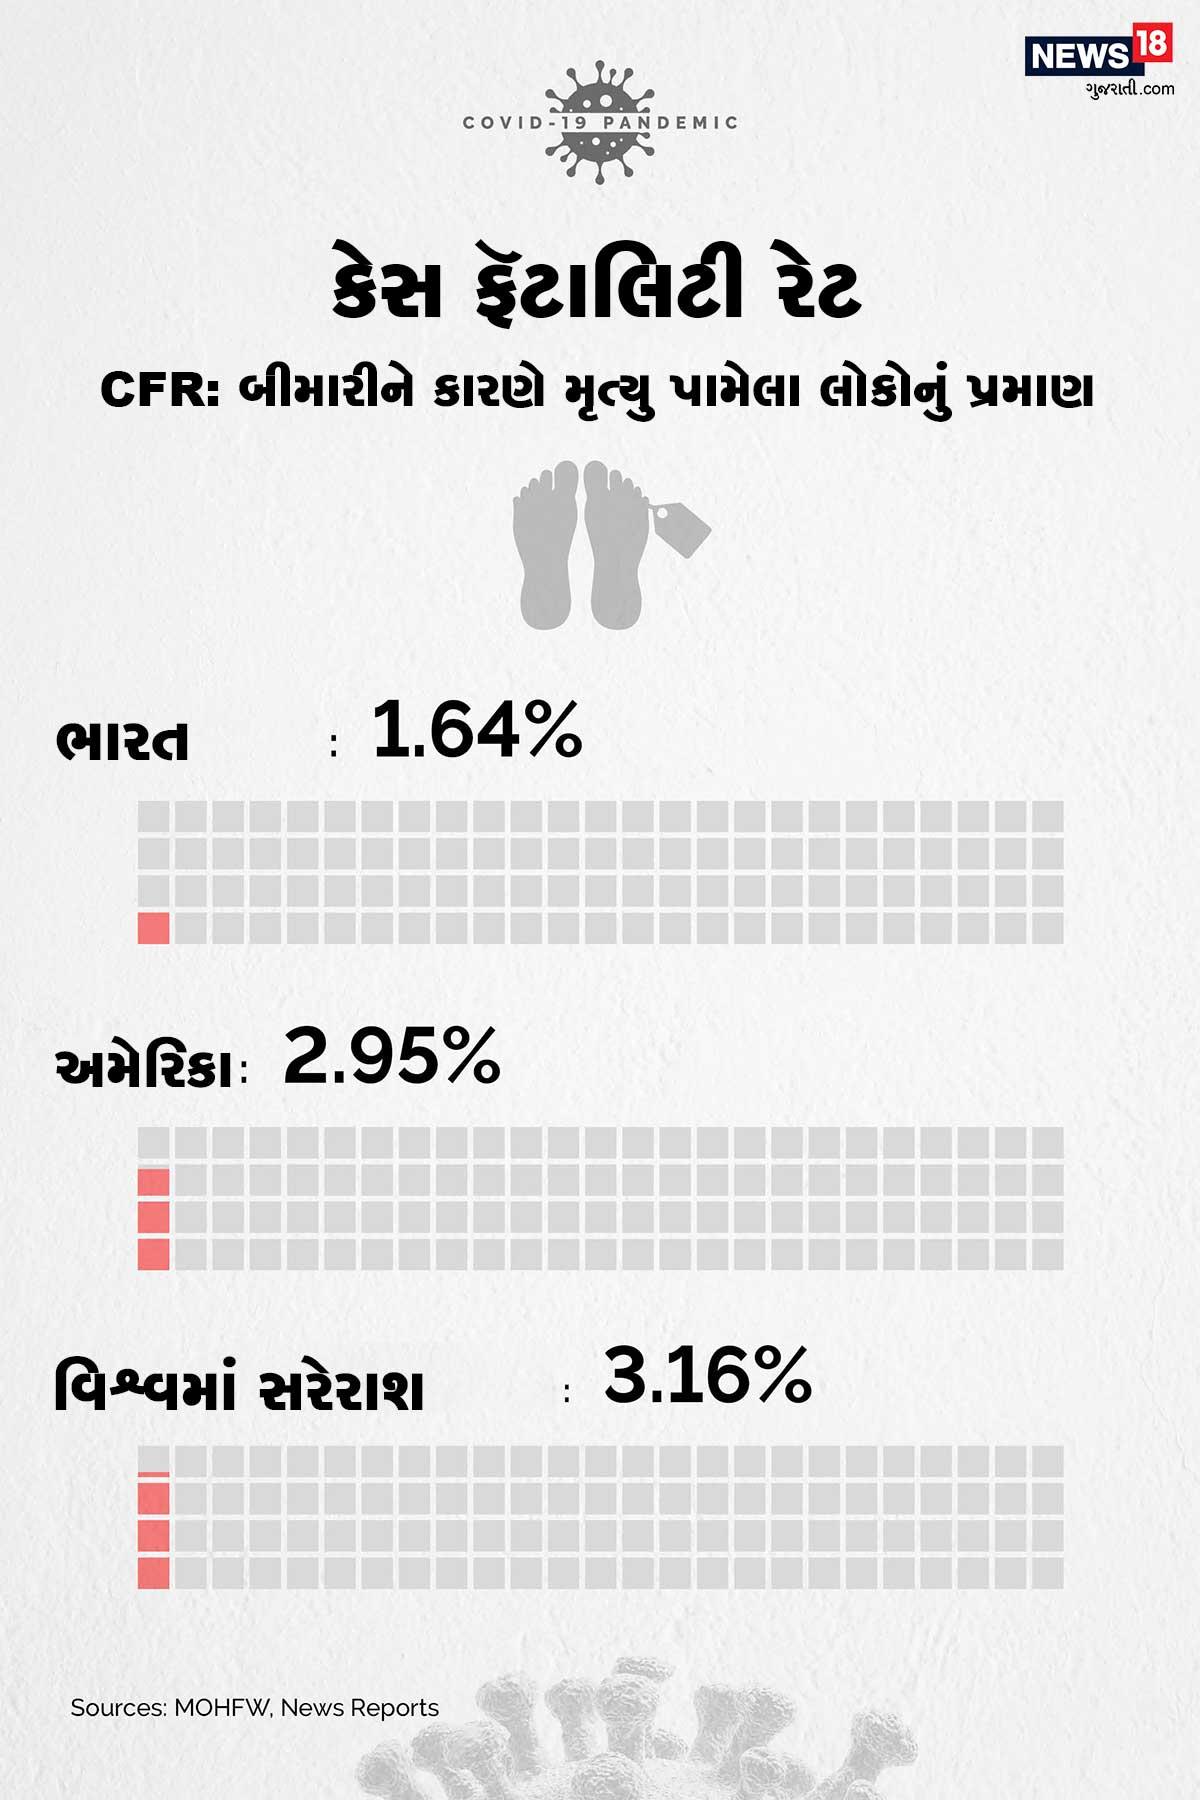 વિશ્વમાં મોતના પ્રમાણે અંગે વાત કરવામાં આવે તો ભારતમાં મૃત્યુદર સૌથી ઓછો 1.64 ટકા છે. અમેરિકામાં કોરોનાનો મૃત્યુદર 2.95 ટકા, જ્યારે વિશ્વની સરેરાશ 3.16 ટકા છે.